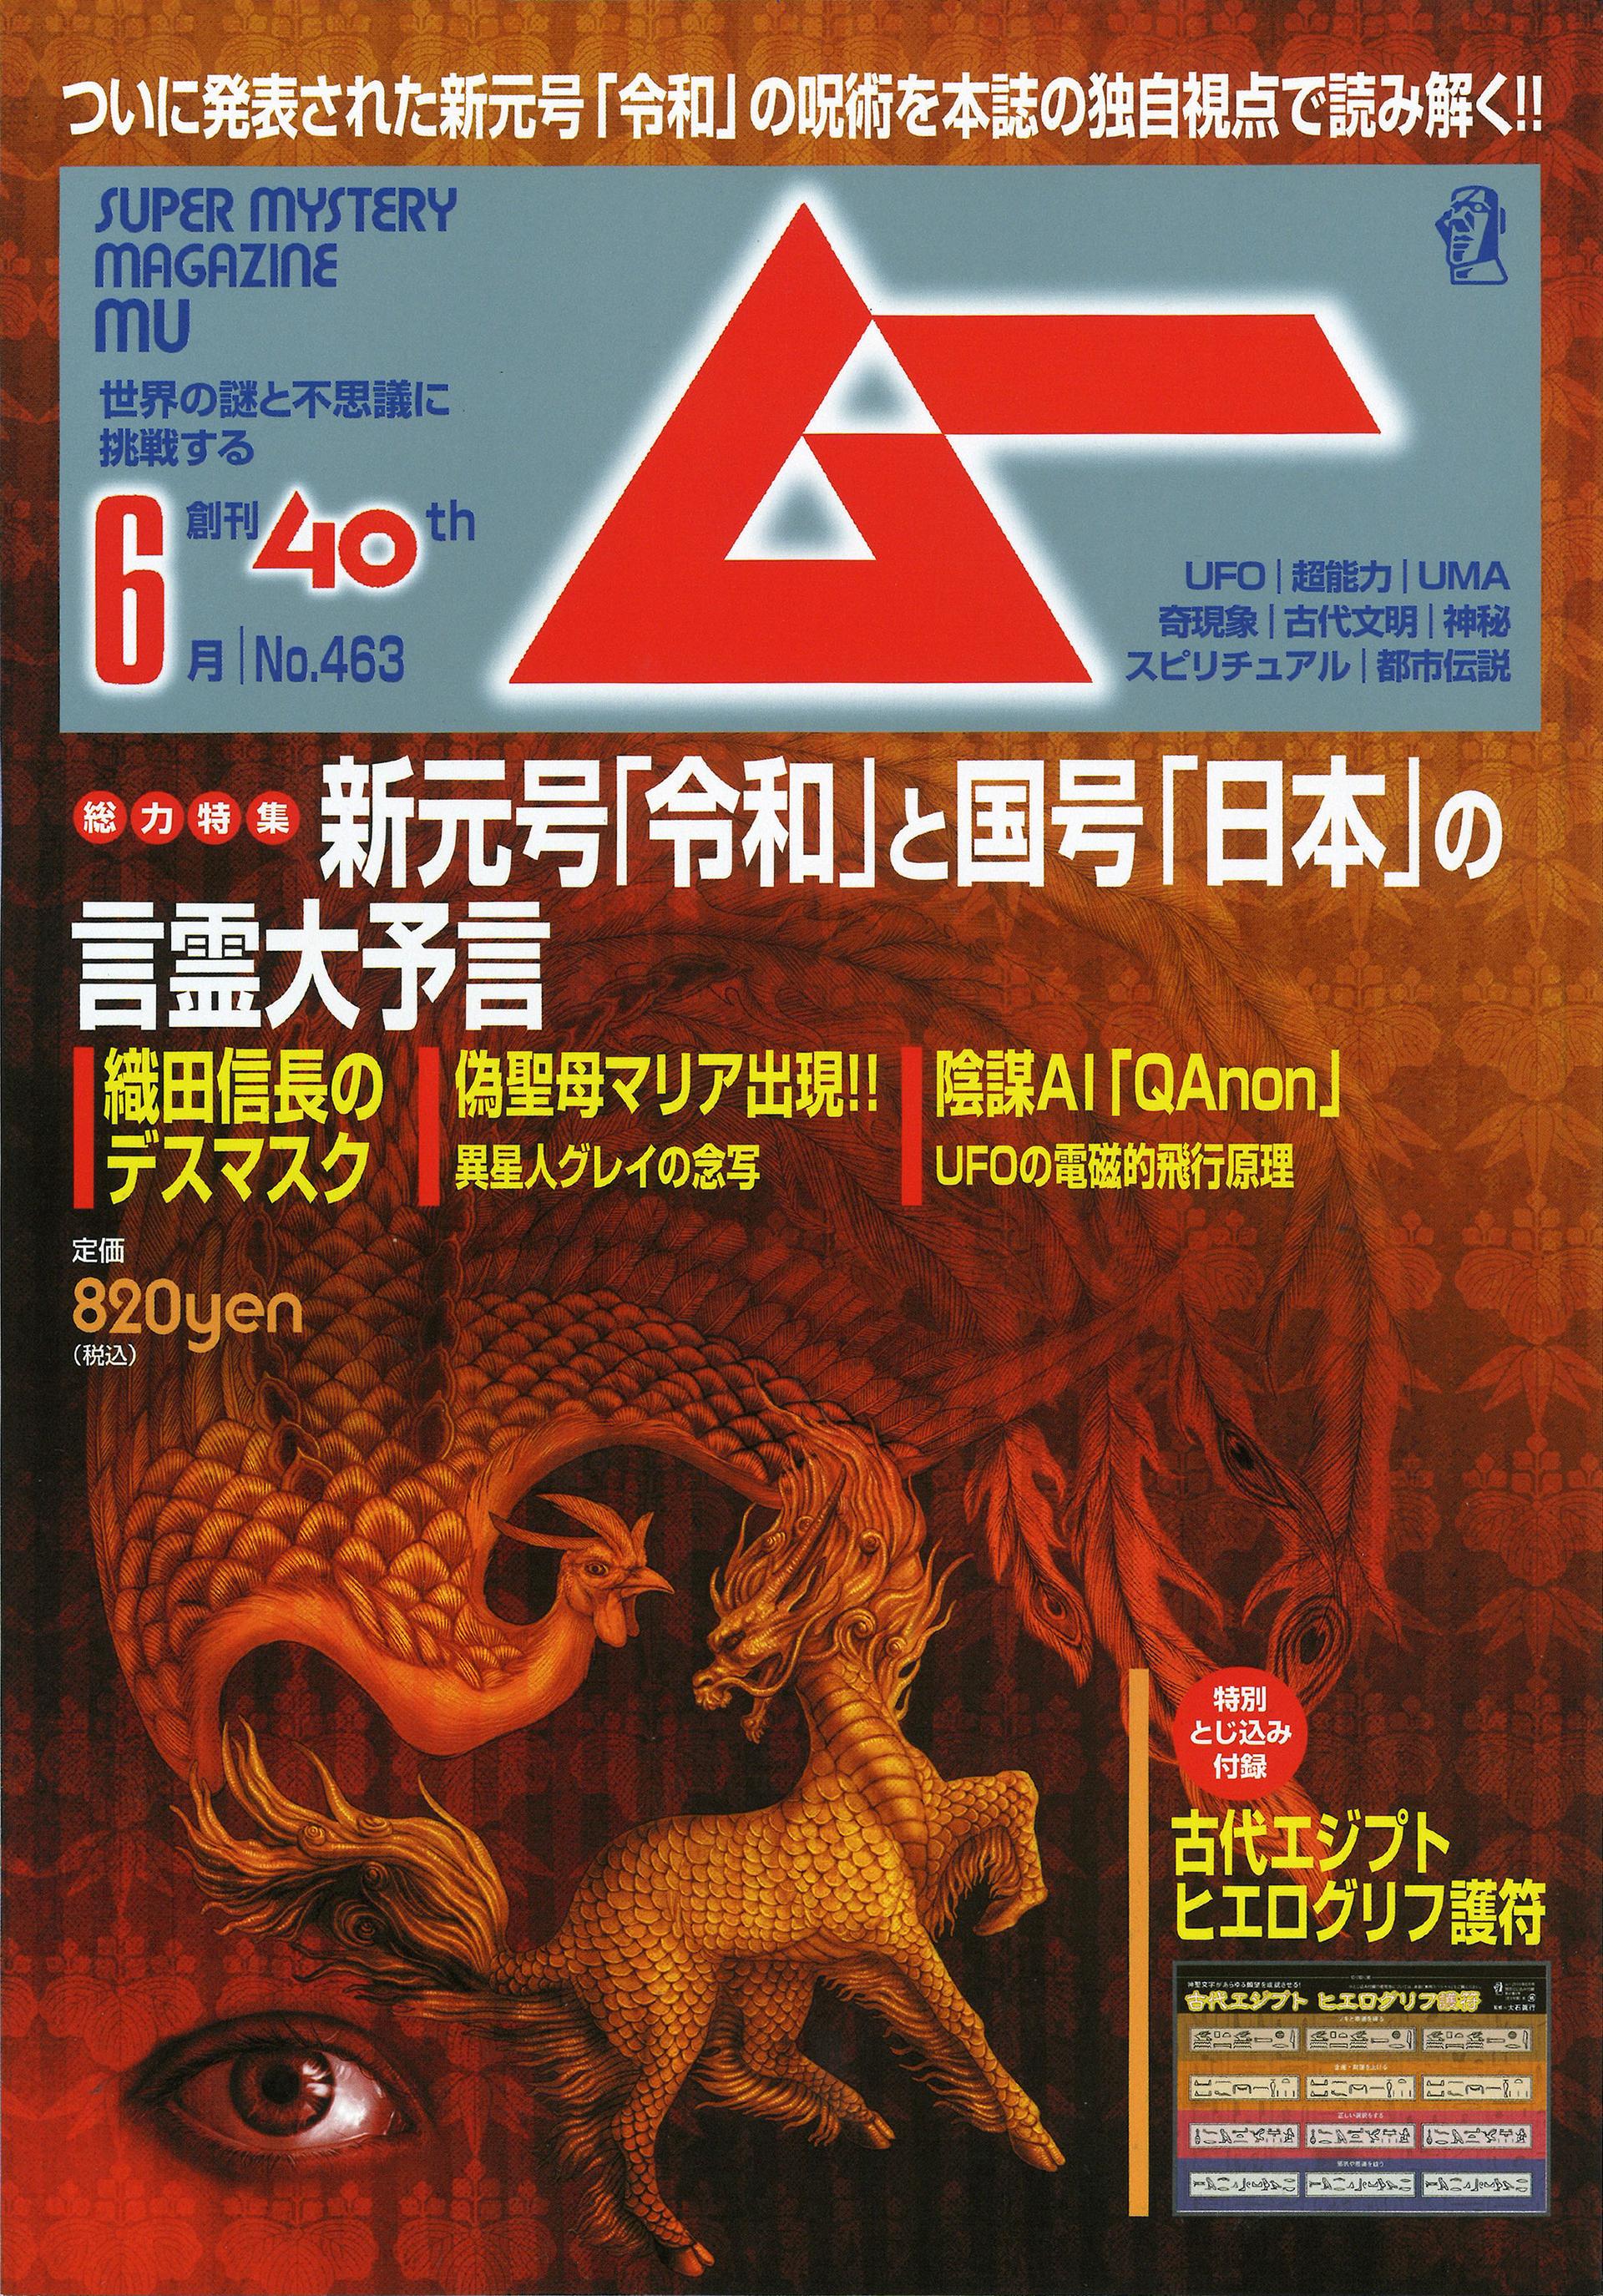 ムー創刊40周年